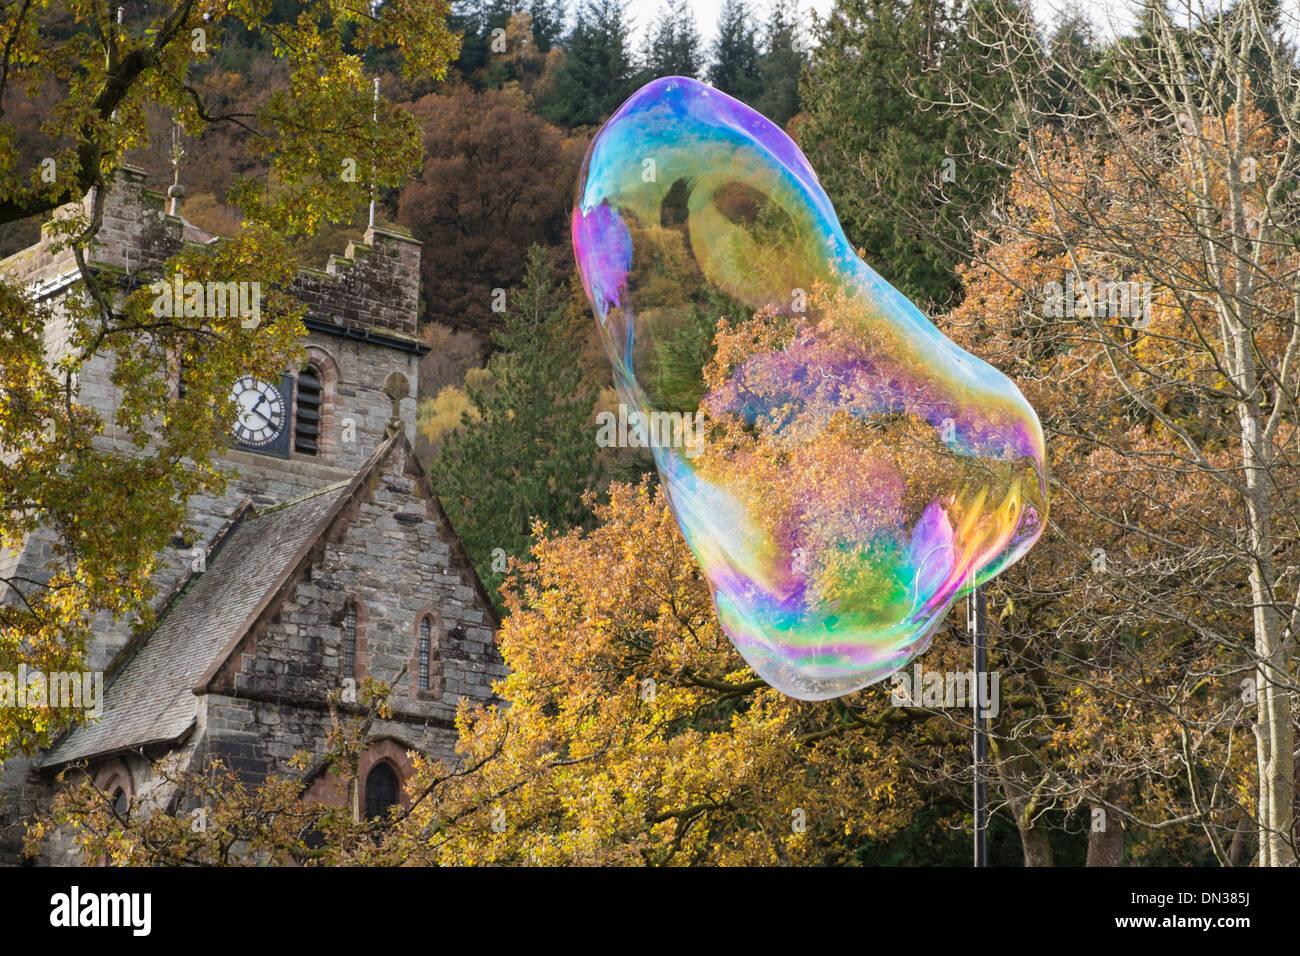 Una bolla di sapone gigante che mostra colori Arcobaleno galleggianti in aria verso la Chiesa torre dell orologio a Betws-y-Coed, il Galles del Nord, Regno Unito, Gran Bretagna Immagini Stock